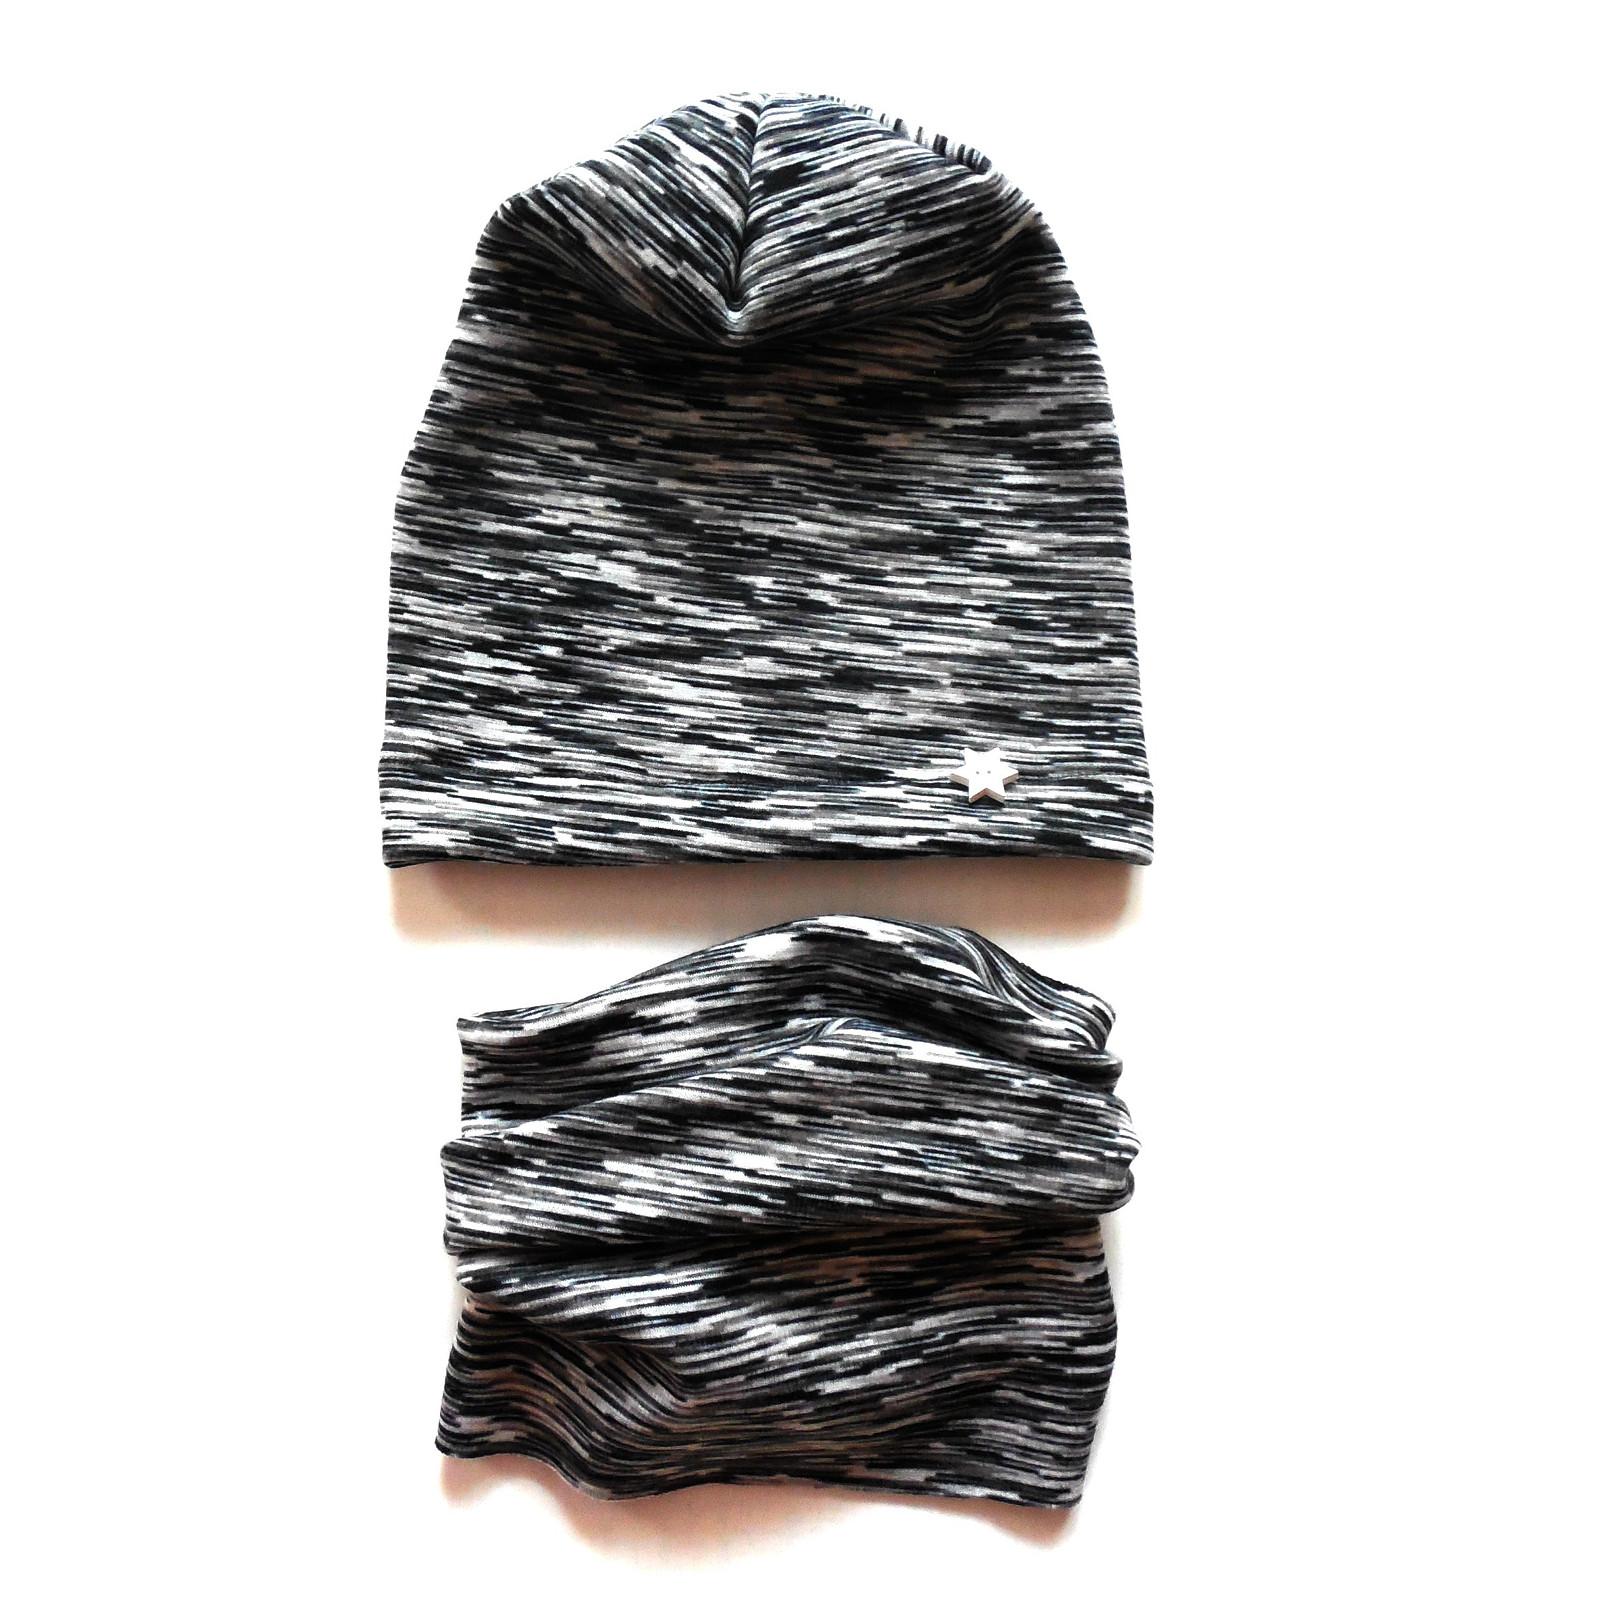 Zimní set čepice a nákrčník   Zboží prodejce GuMaS  80d6626935